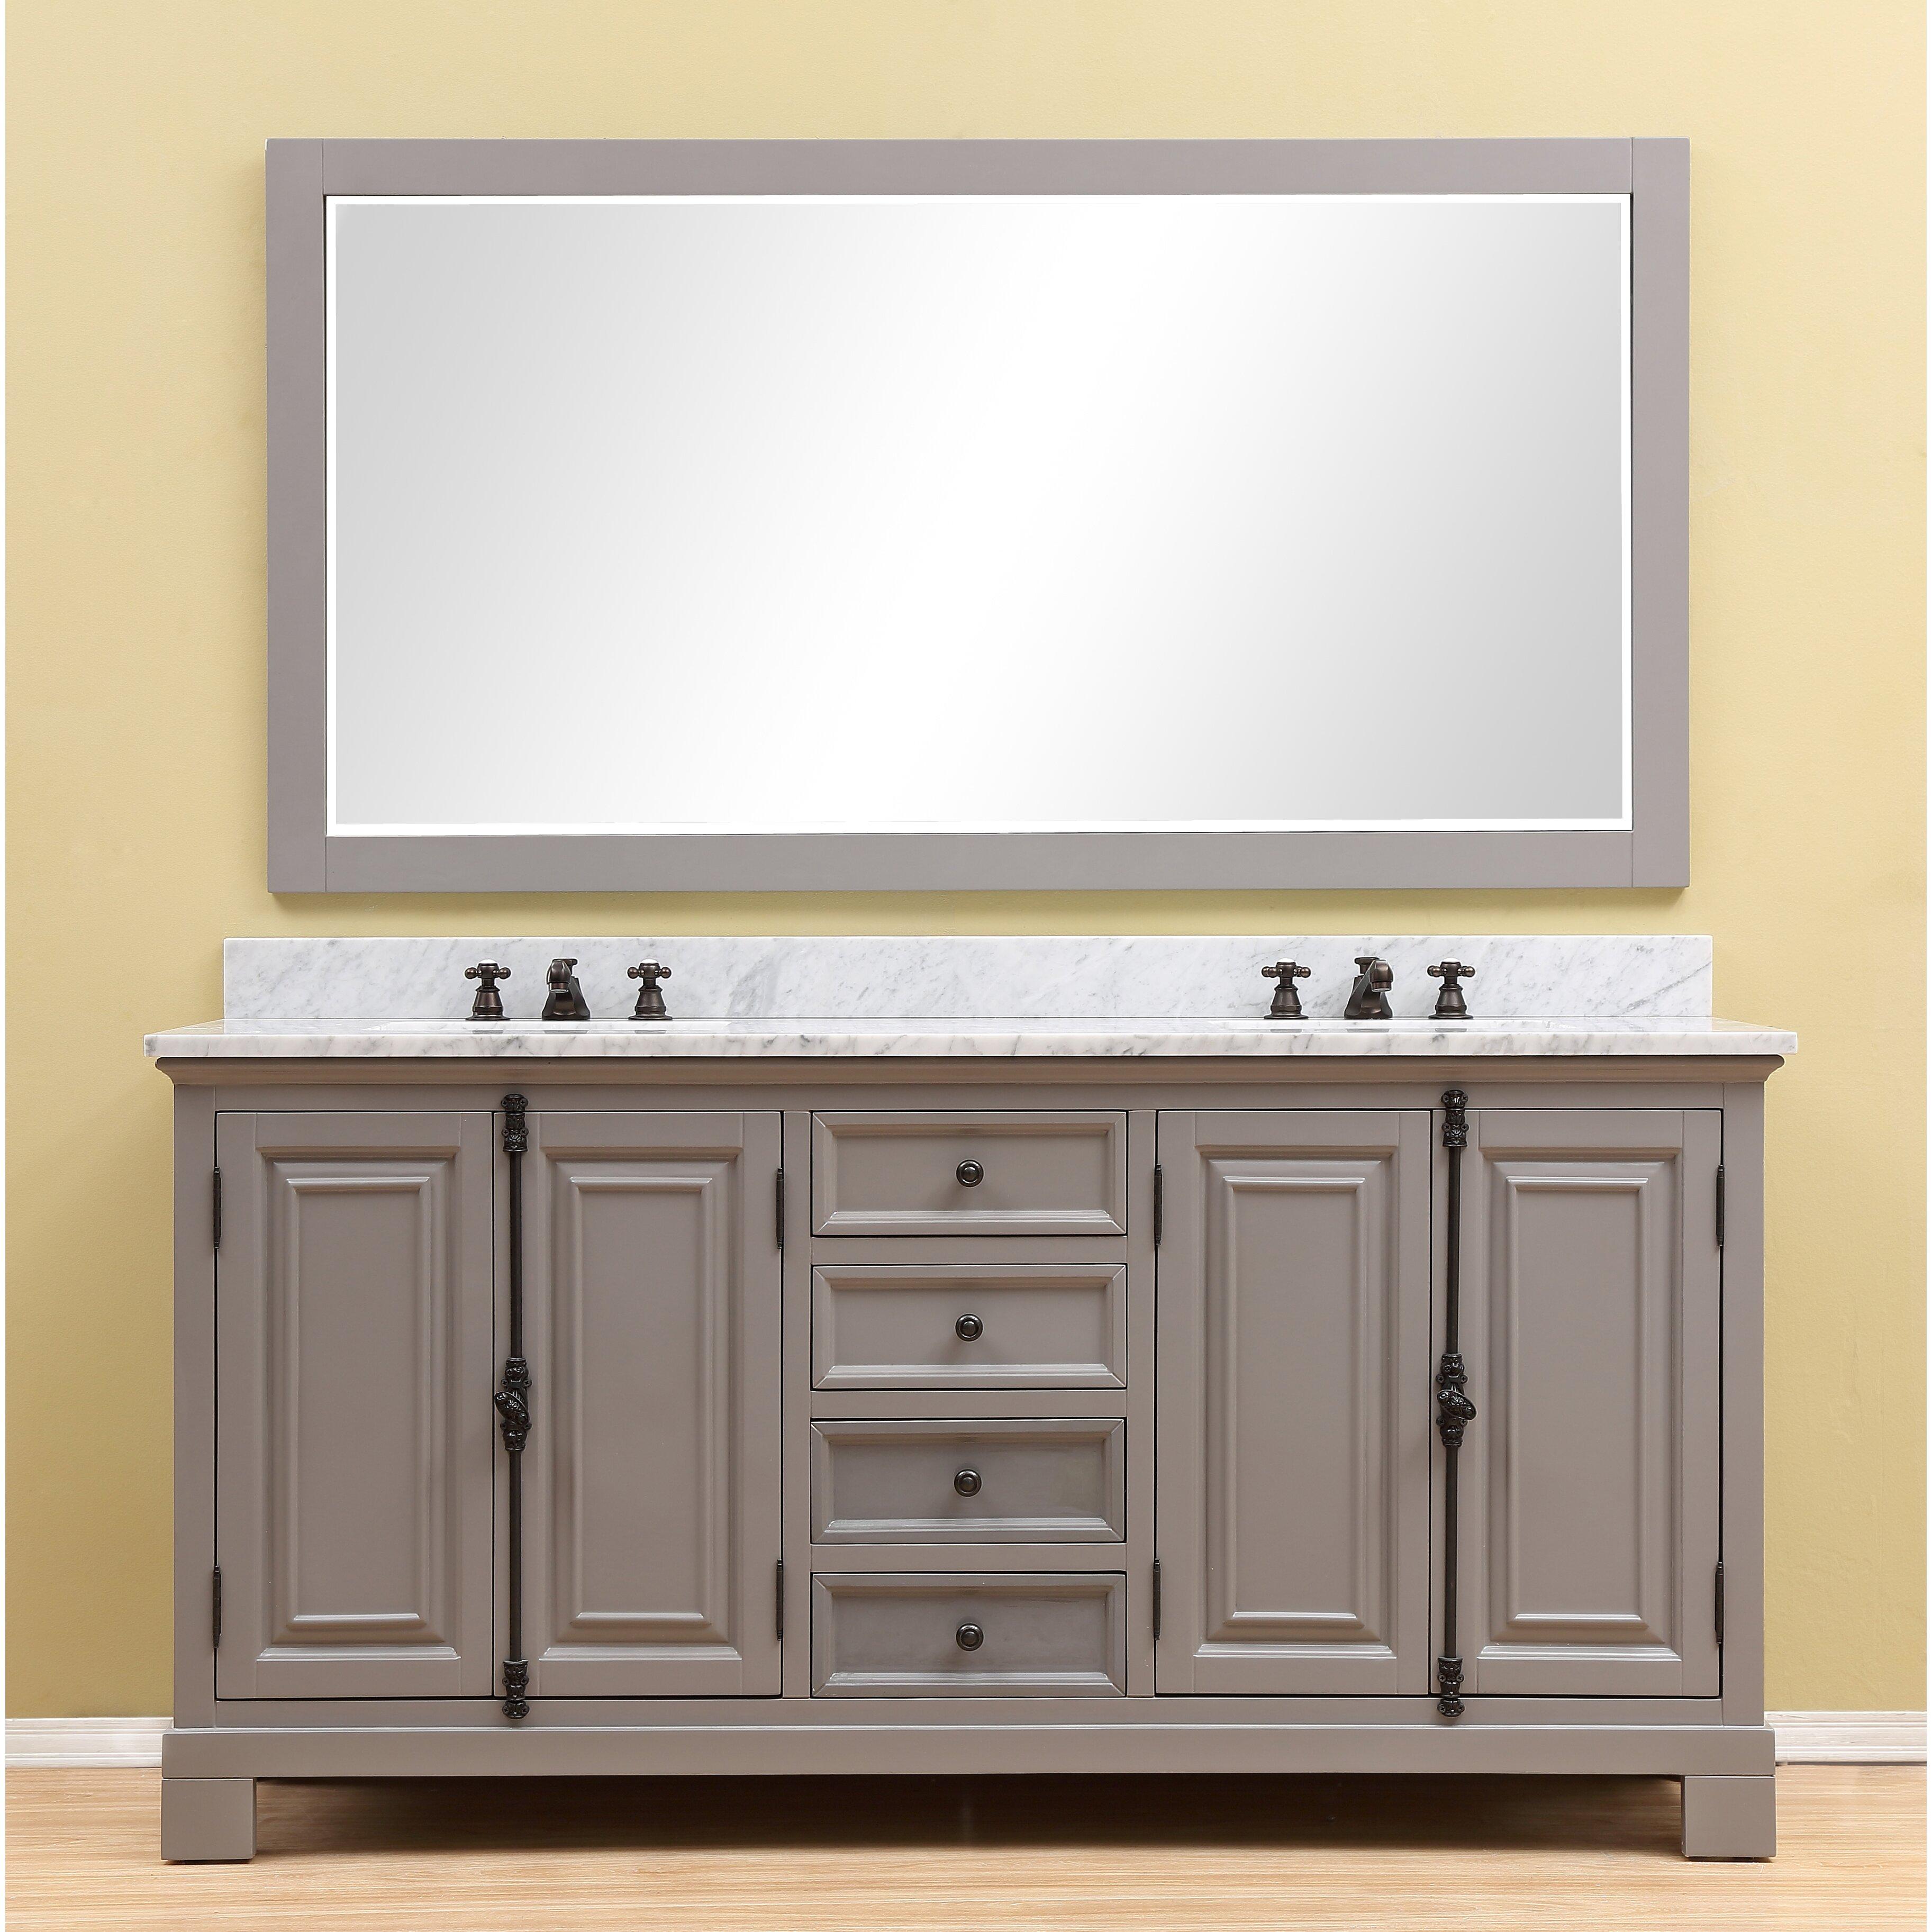 Alvarado 72 double bathroom vanity mirror set reviews for Bathroom mirror set